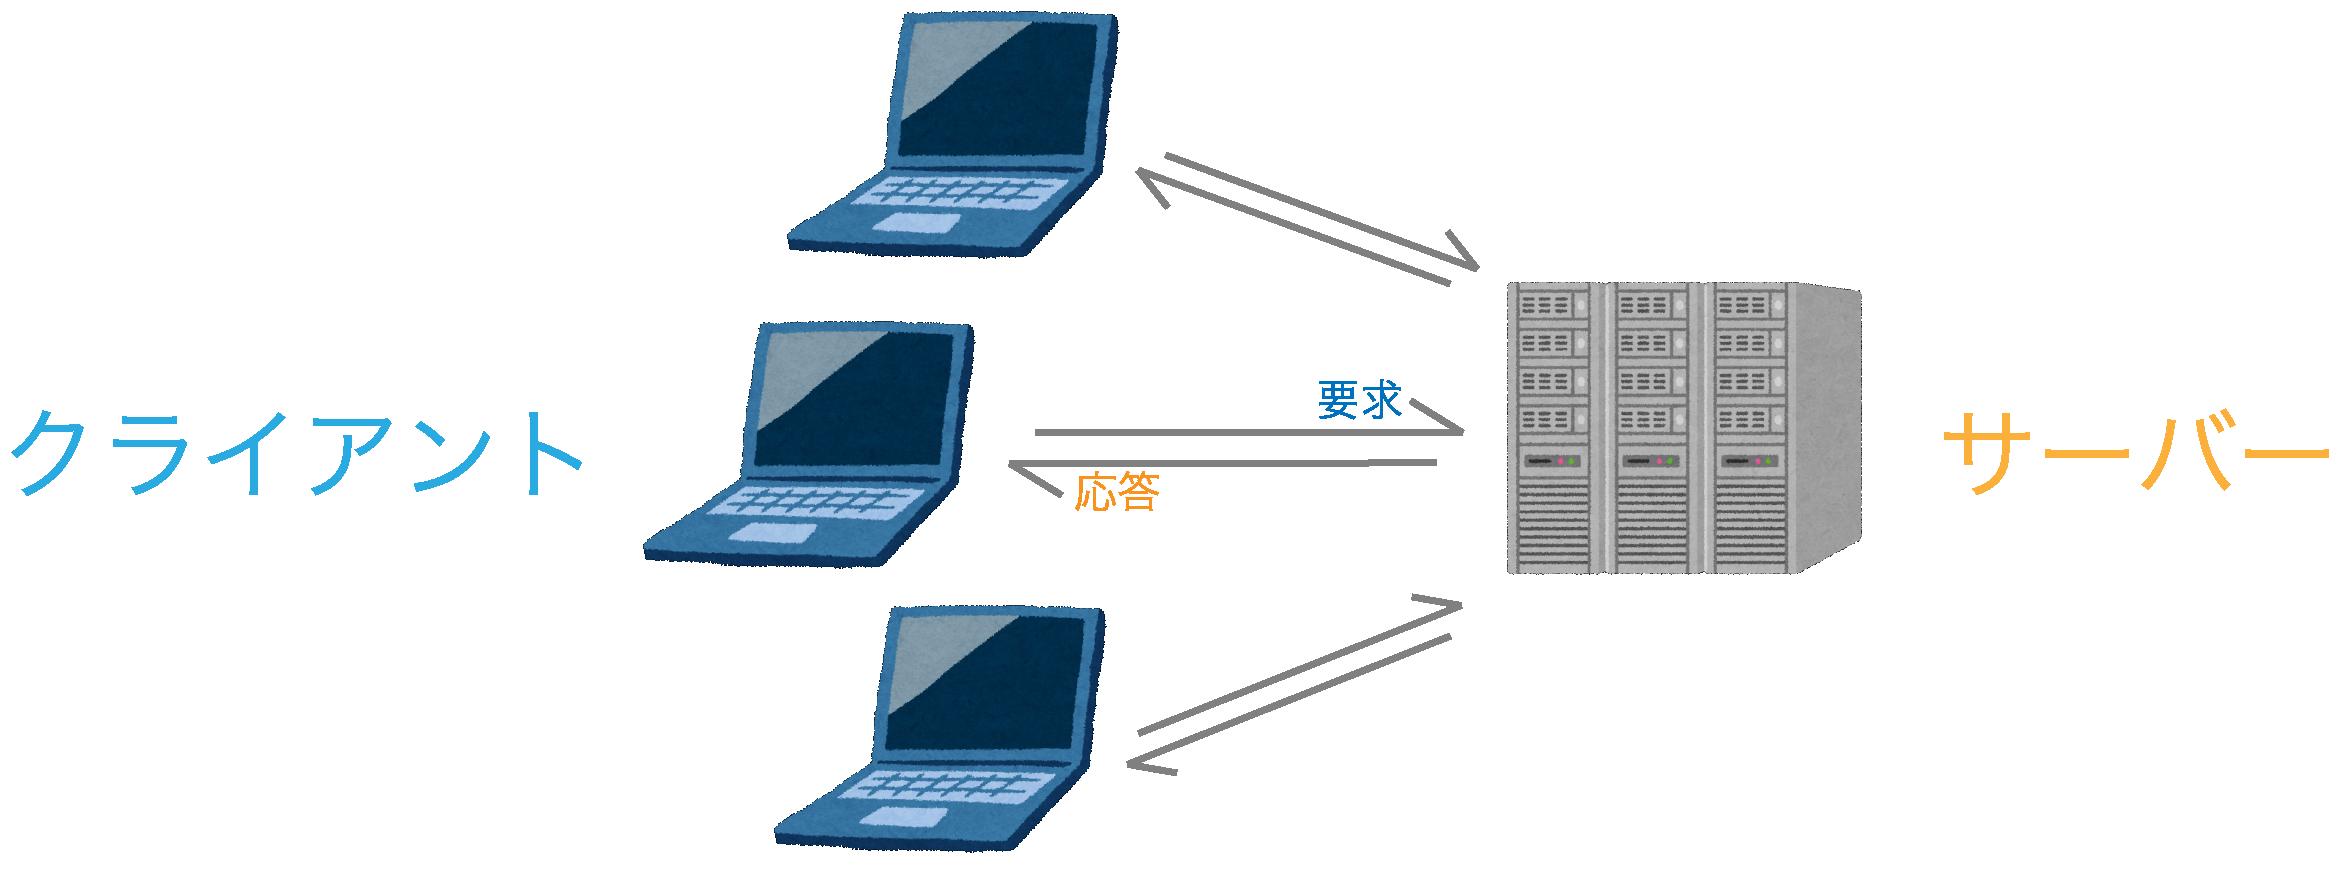 クライアントサーバーシステム